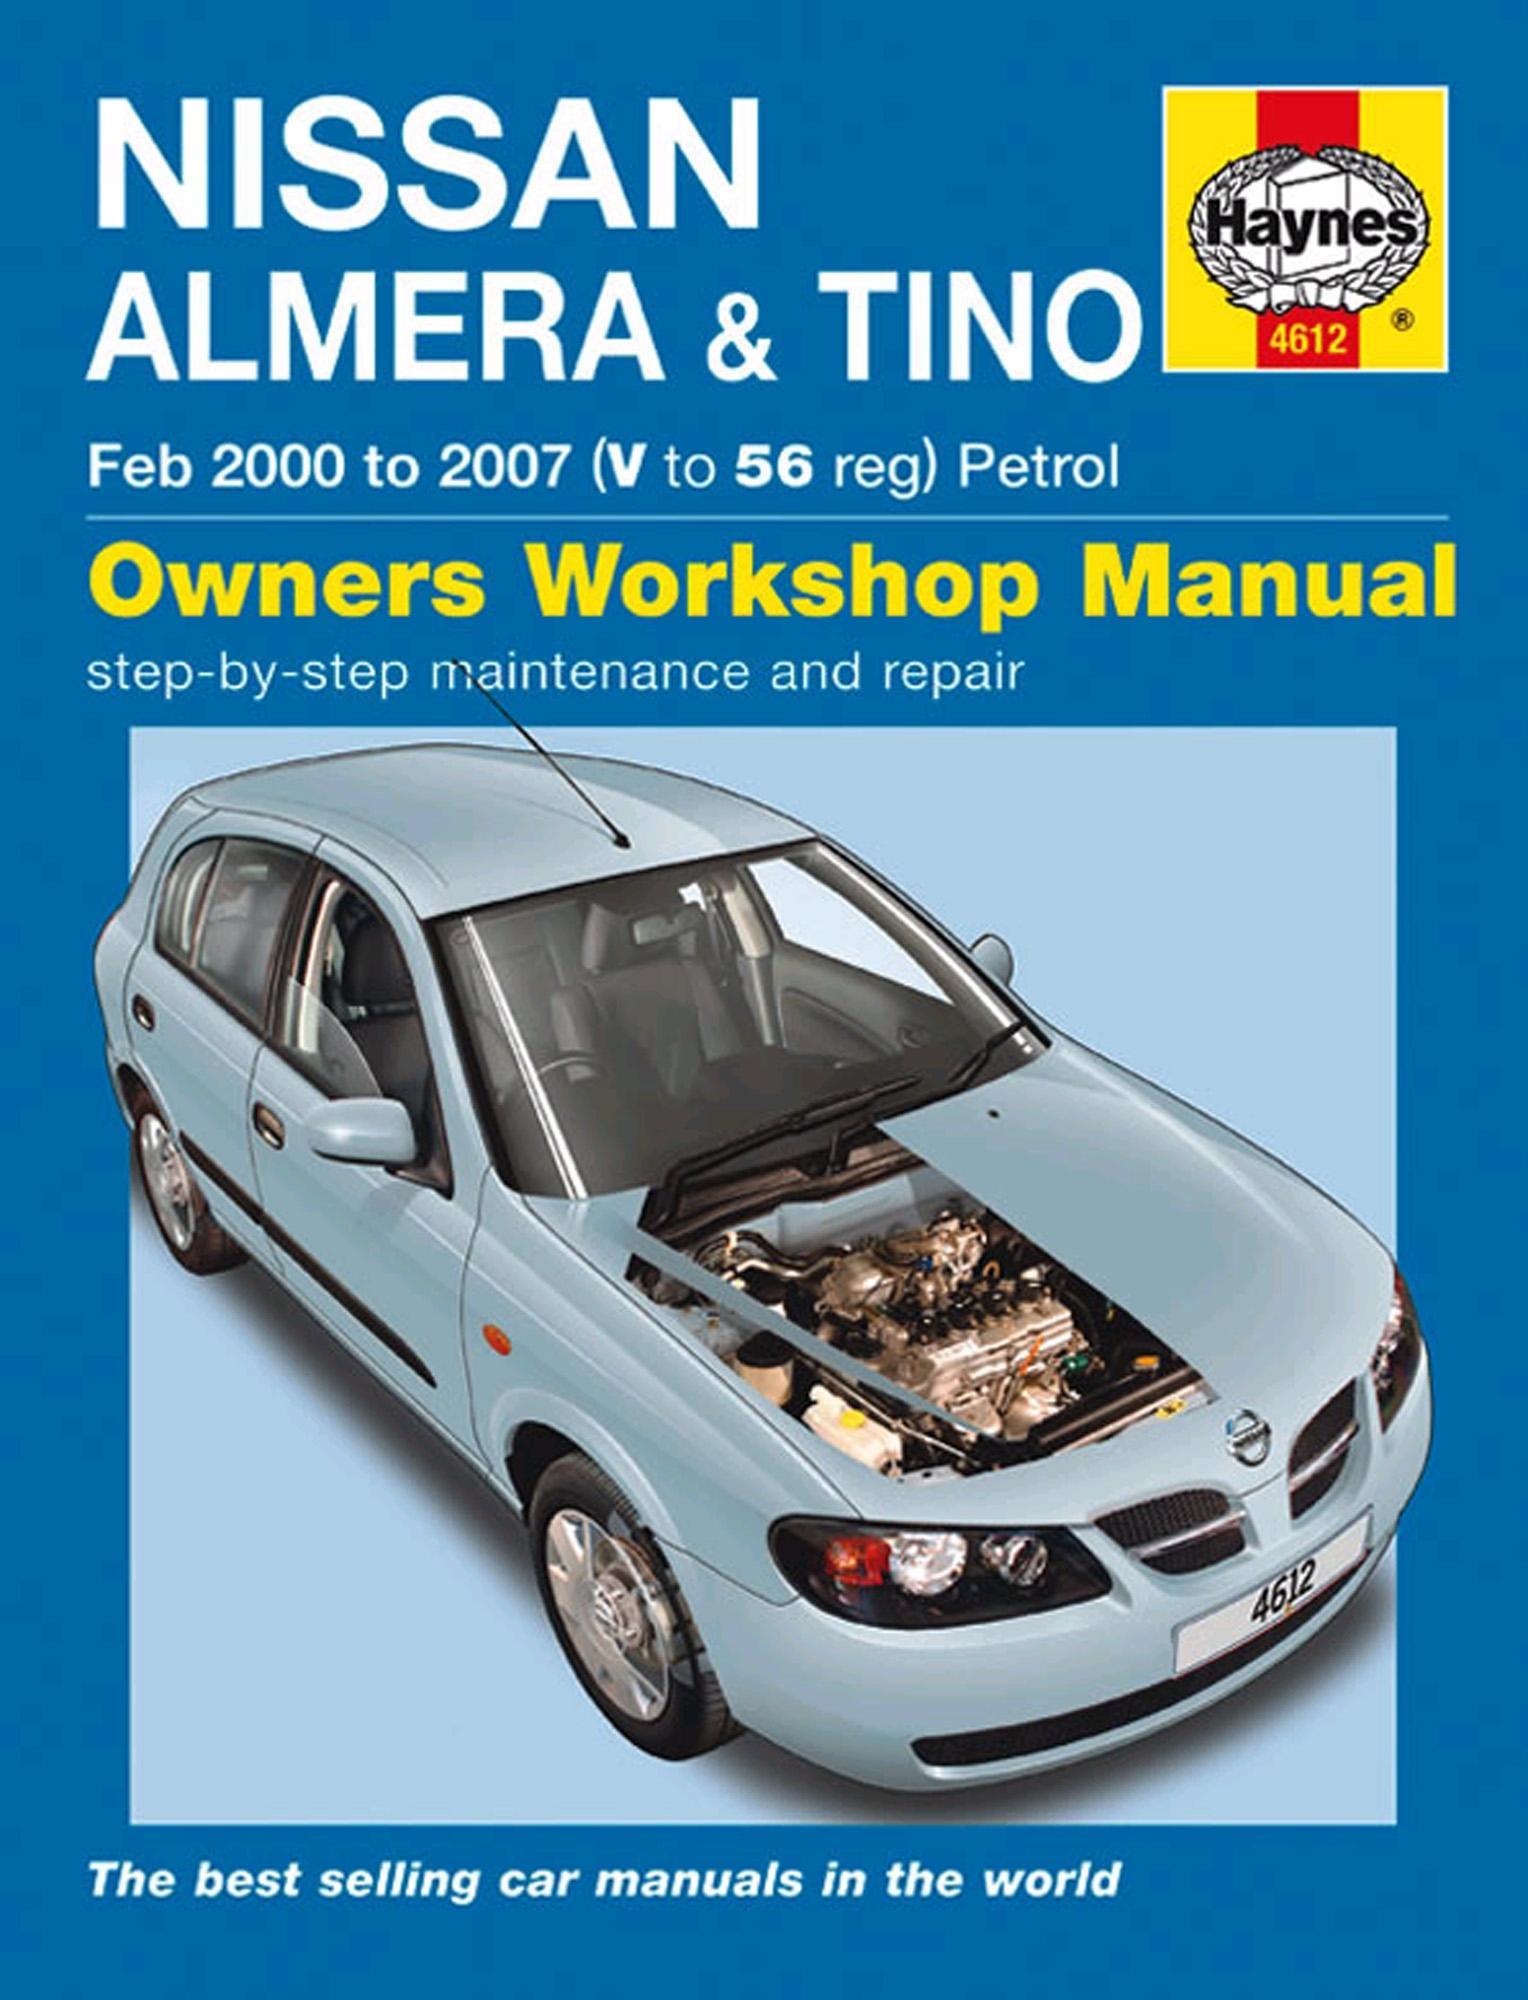 haynes nissan almera tino feb 00 rh halfords ie nissan almera haynes manual download nissan almera n16 workshop manual